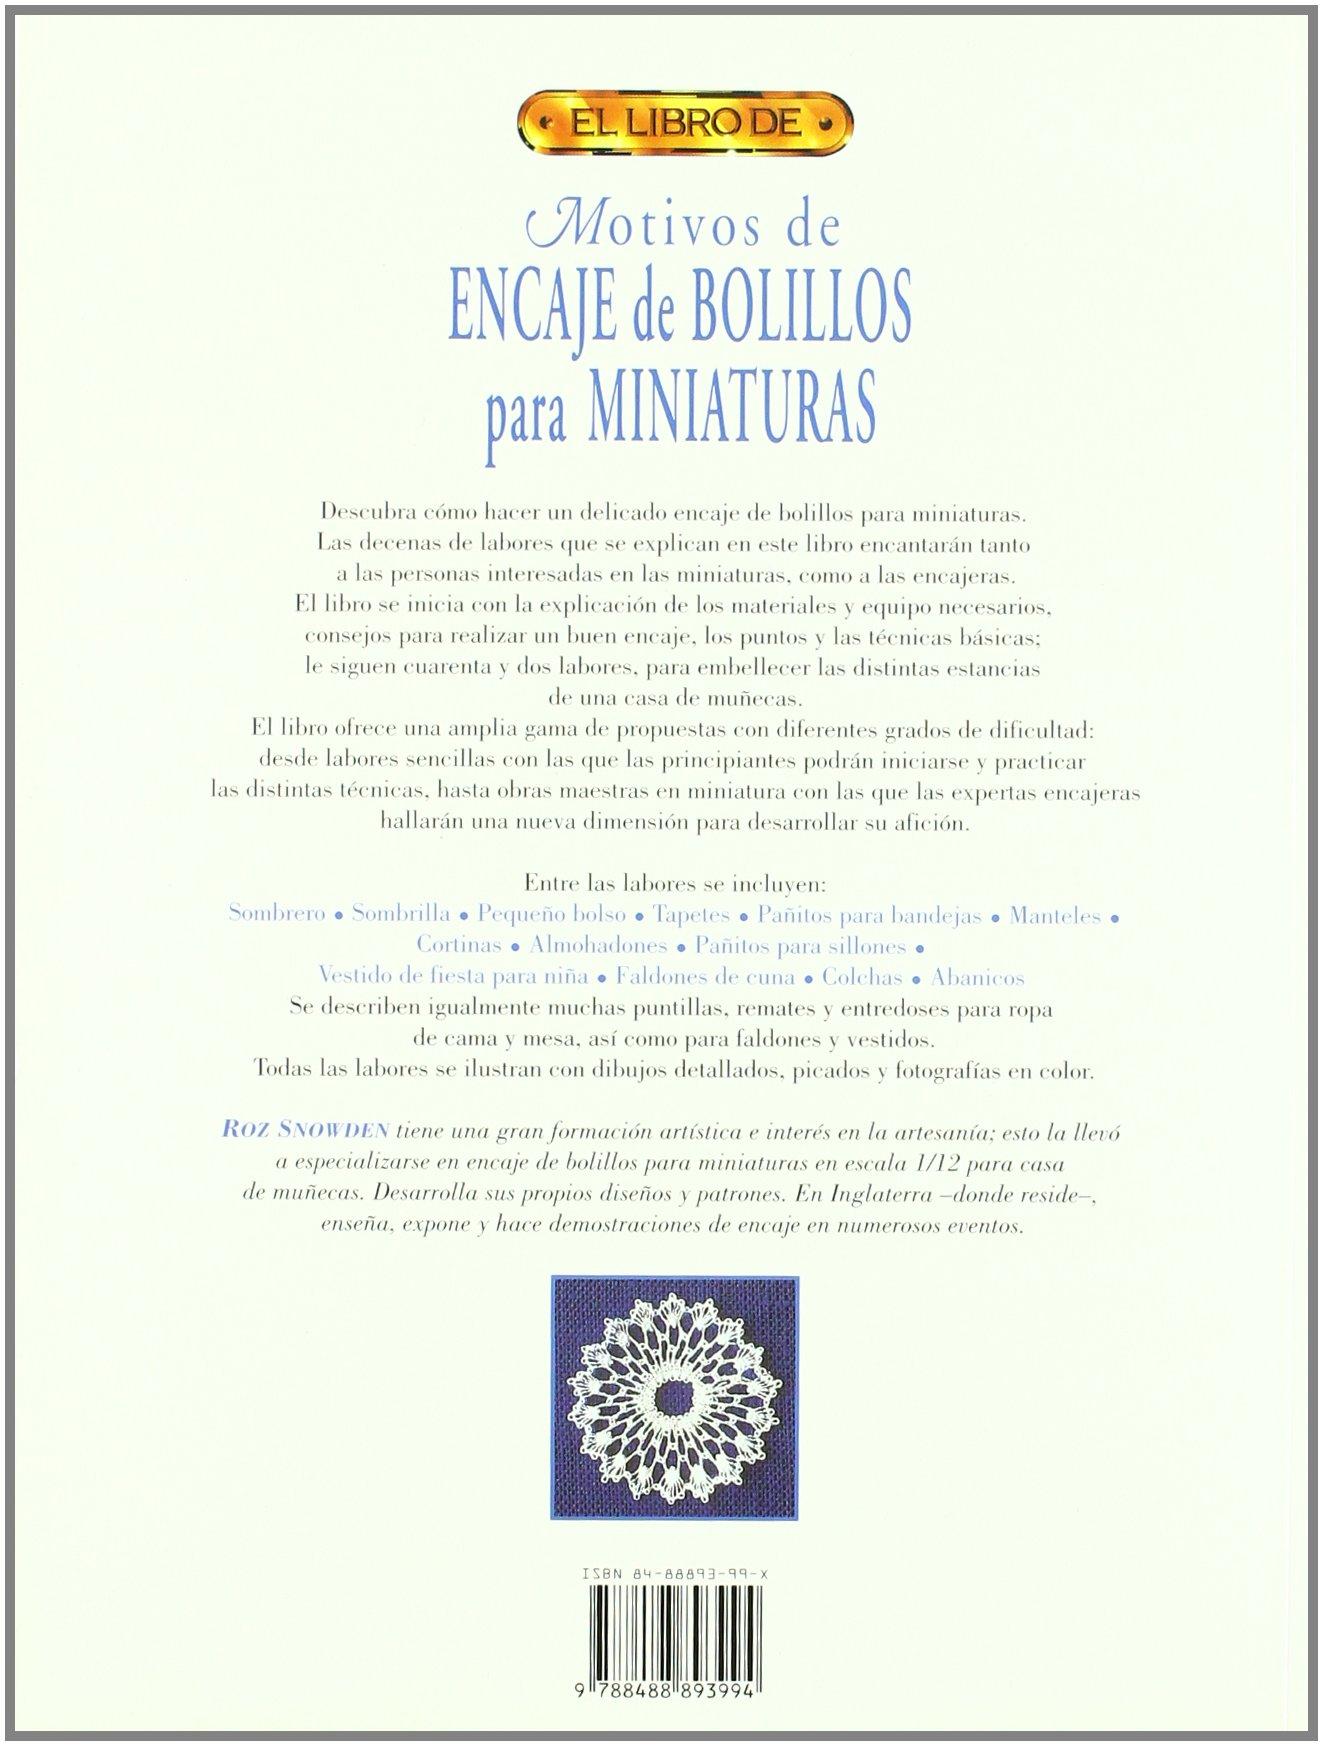 Motivos de Encaje de Bolillos Para Miniaturas - El Libro de ...